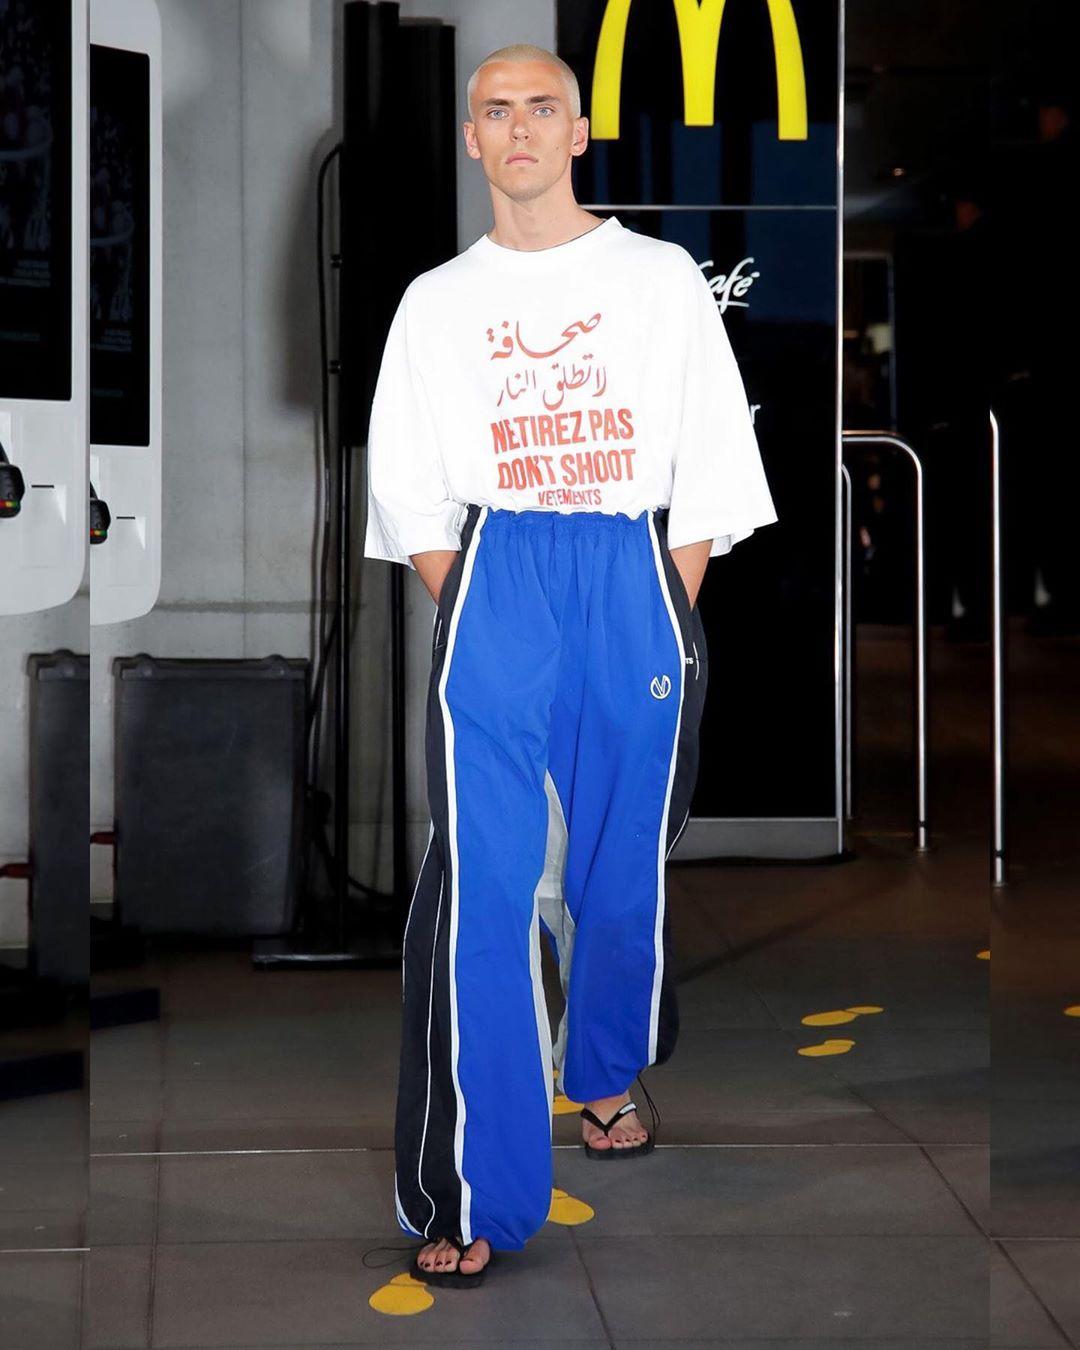 【メンズ】トラックパンツでおすすめ・人気のハイブランドをファッションブロガーが紹介!